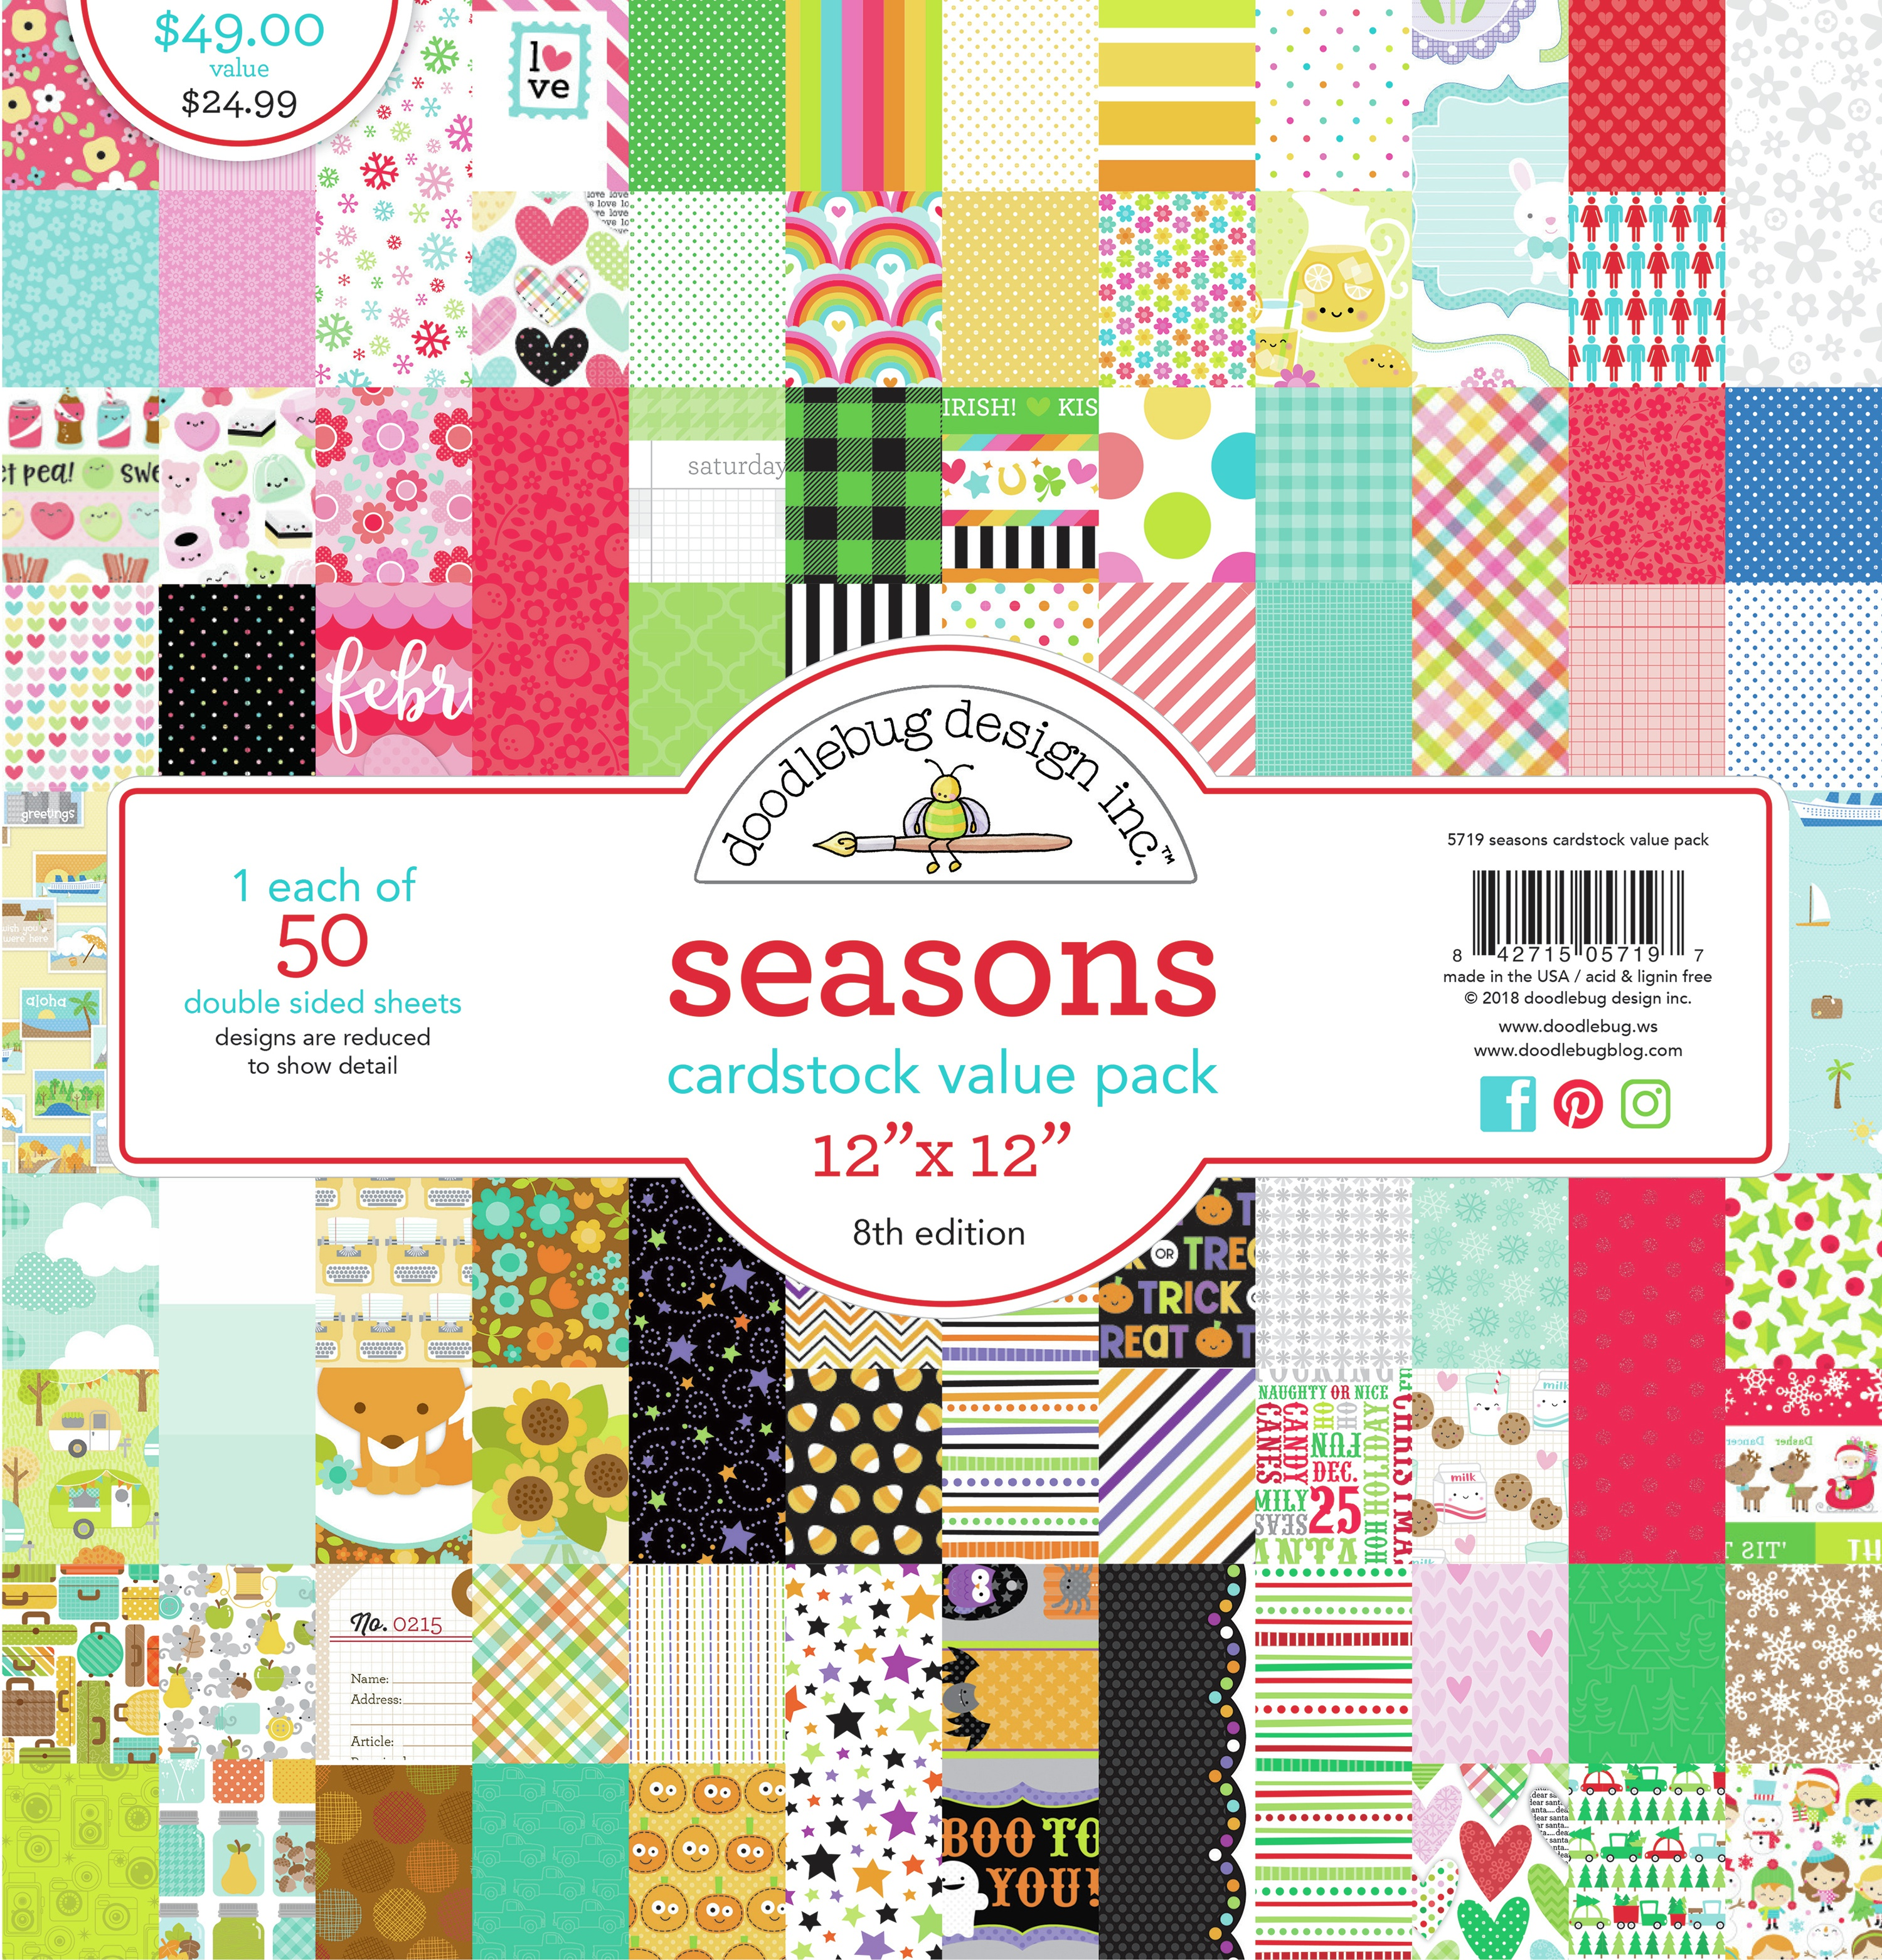 Seasons - 12x12 Cardstock Value Pack, 50 Sheets (Doodlebug)